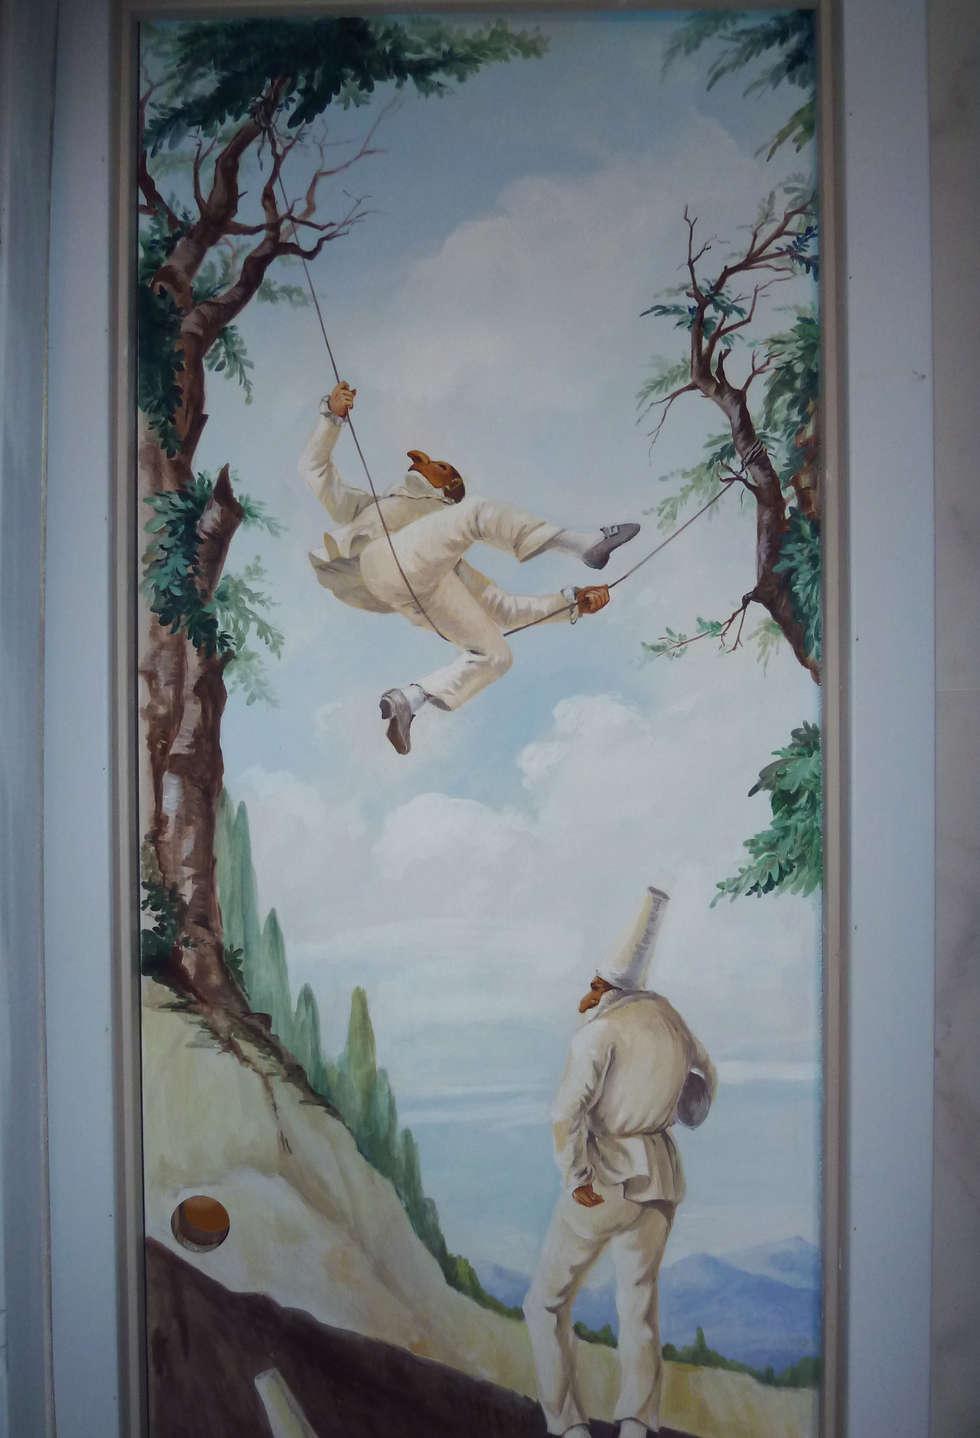 Porta con Pulcinella: Bagno in stile in stile classico di erica de rosa, dipinti, affreschi, trompe l'oeil,  decorazioni - Venezia